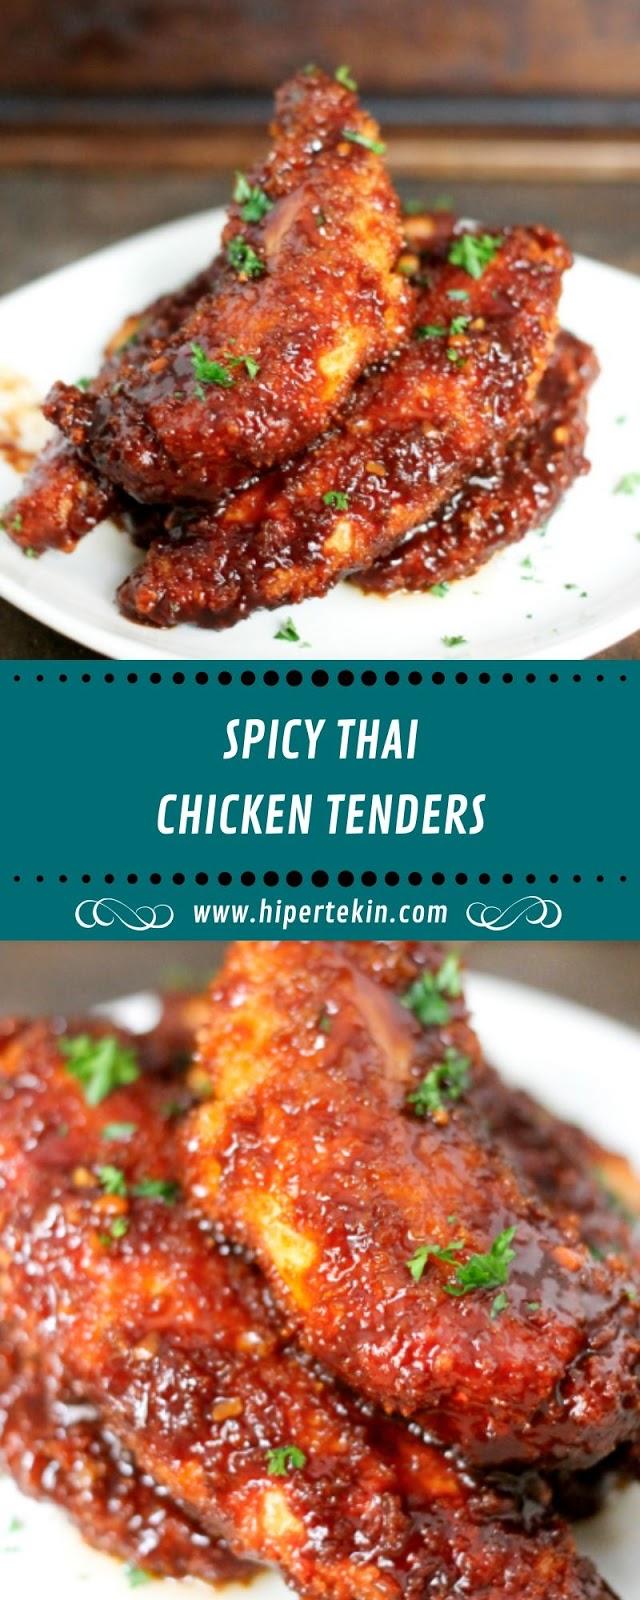 SPICY THAI CHICKEN TENDERS